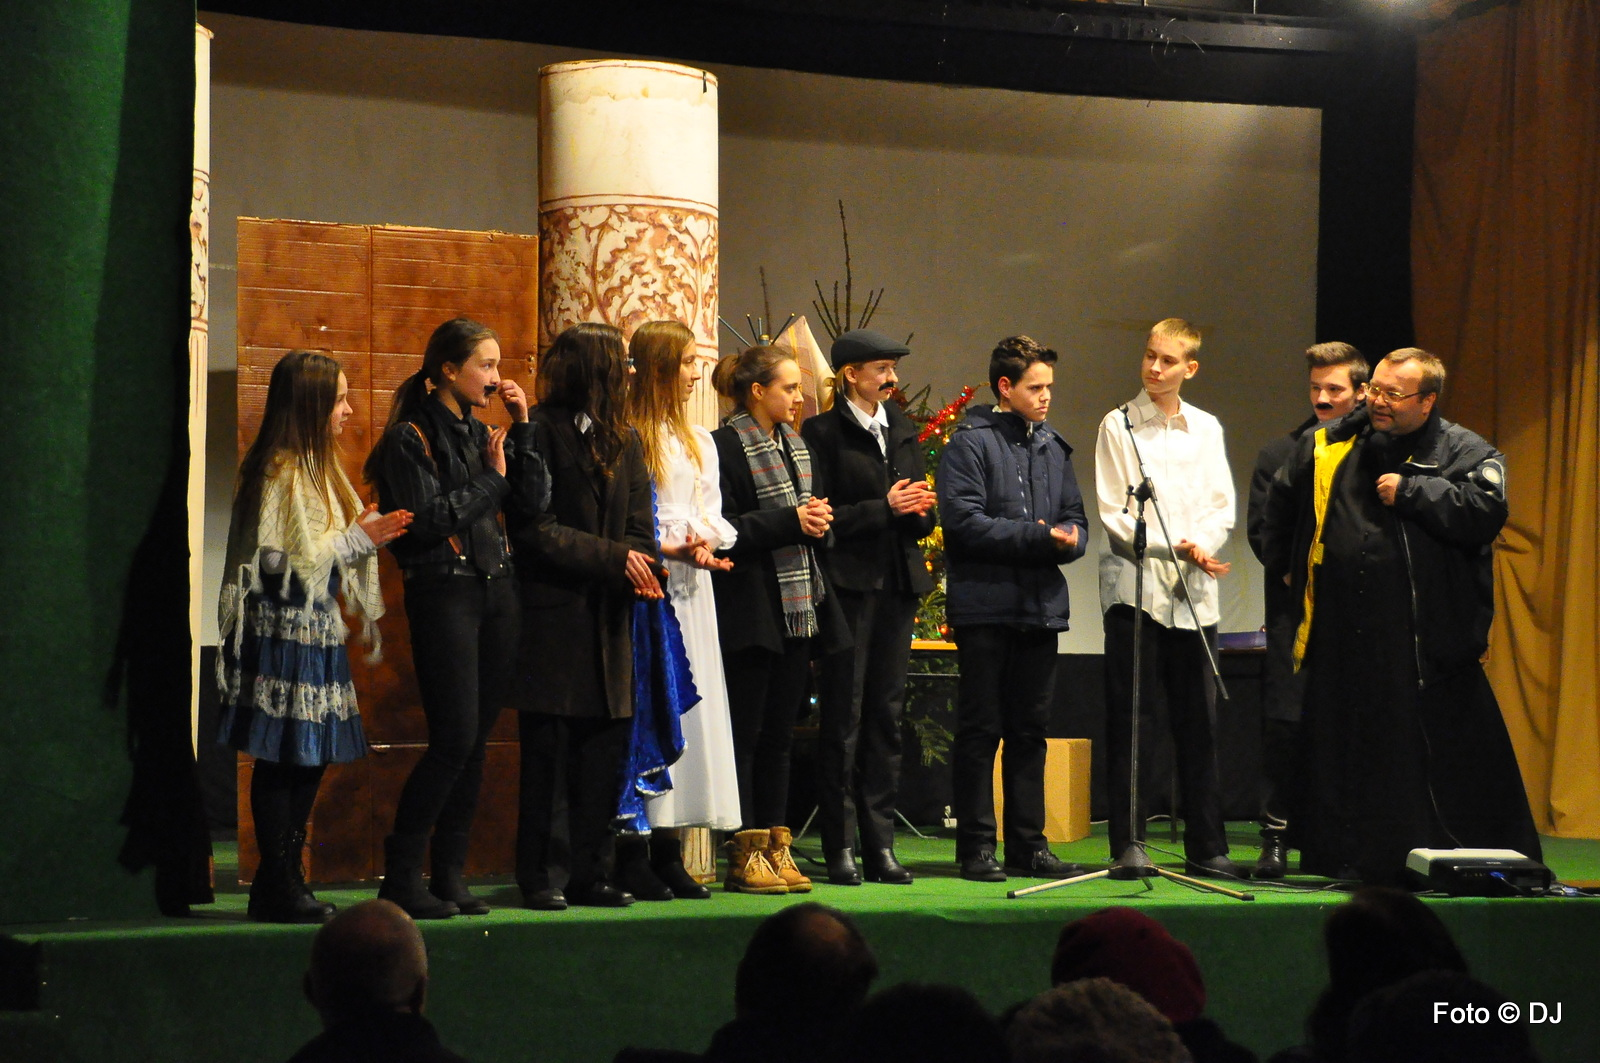 Przedstawienie - Opowieść Wigilijna w wykonaniu młodzieży z parafii Świętej Rodziny w Lublinie